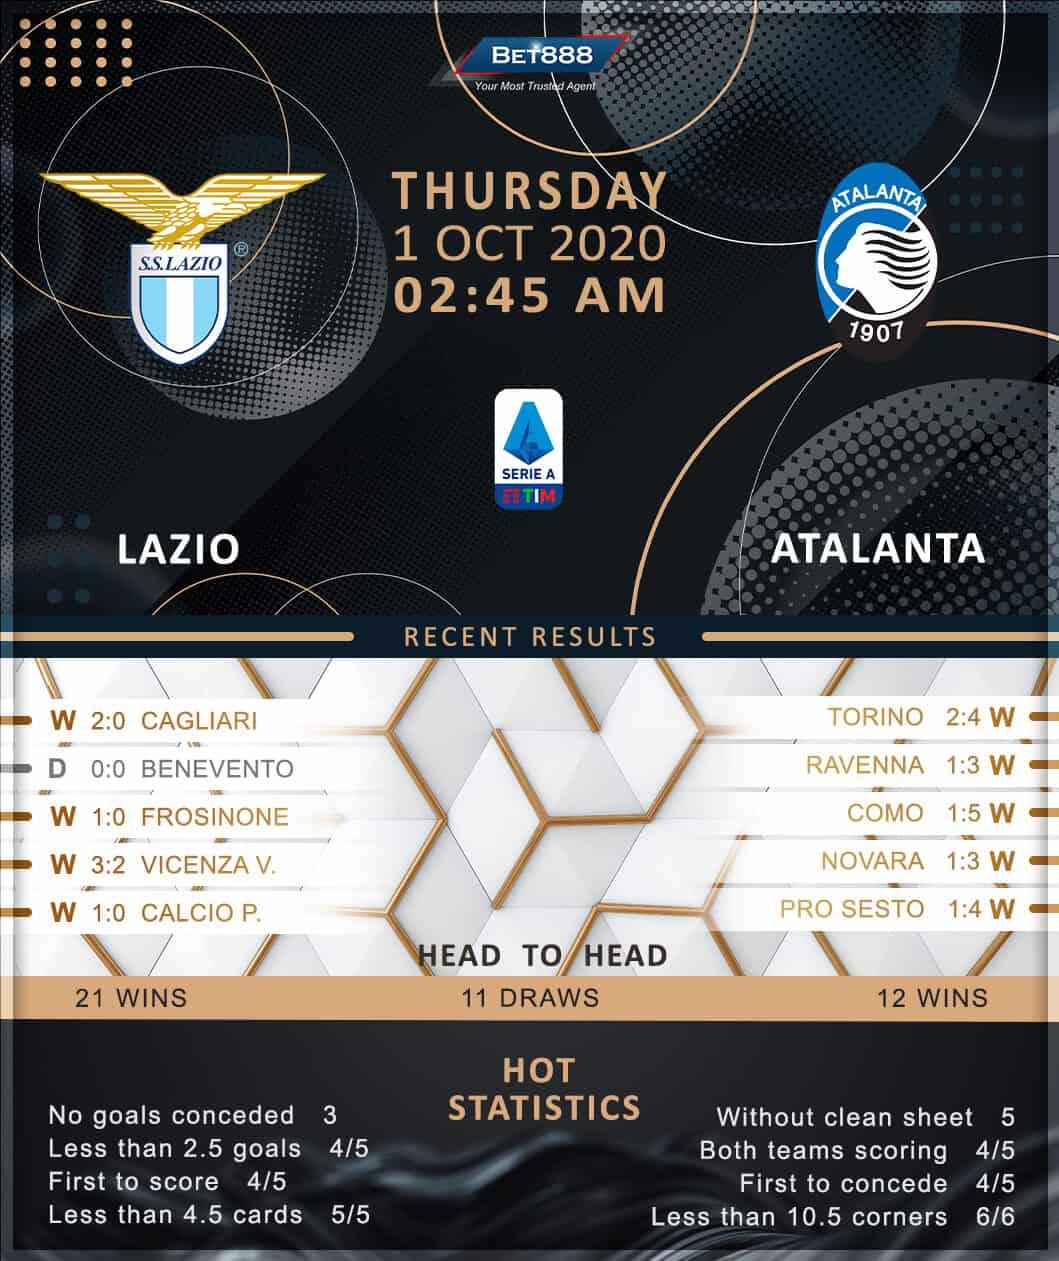 Lazio vs Atalanta 01/10/20